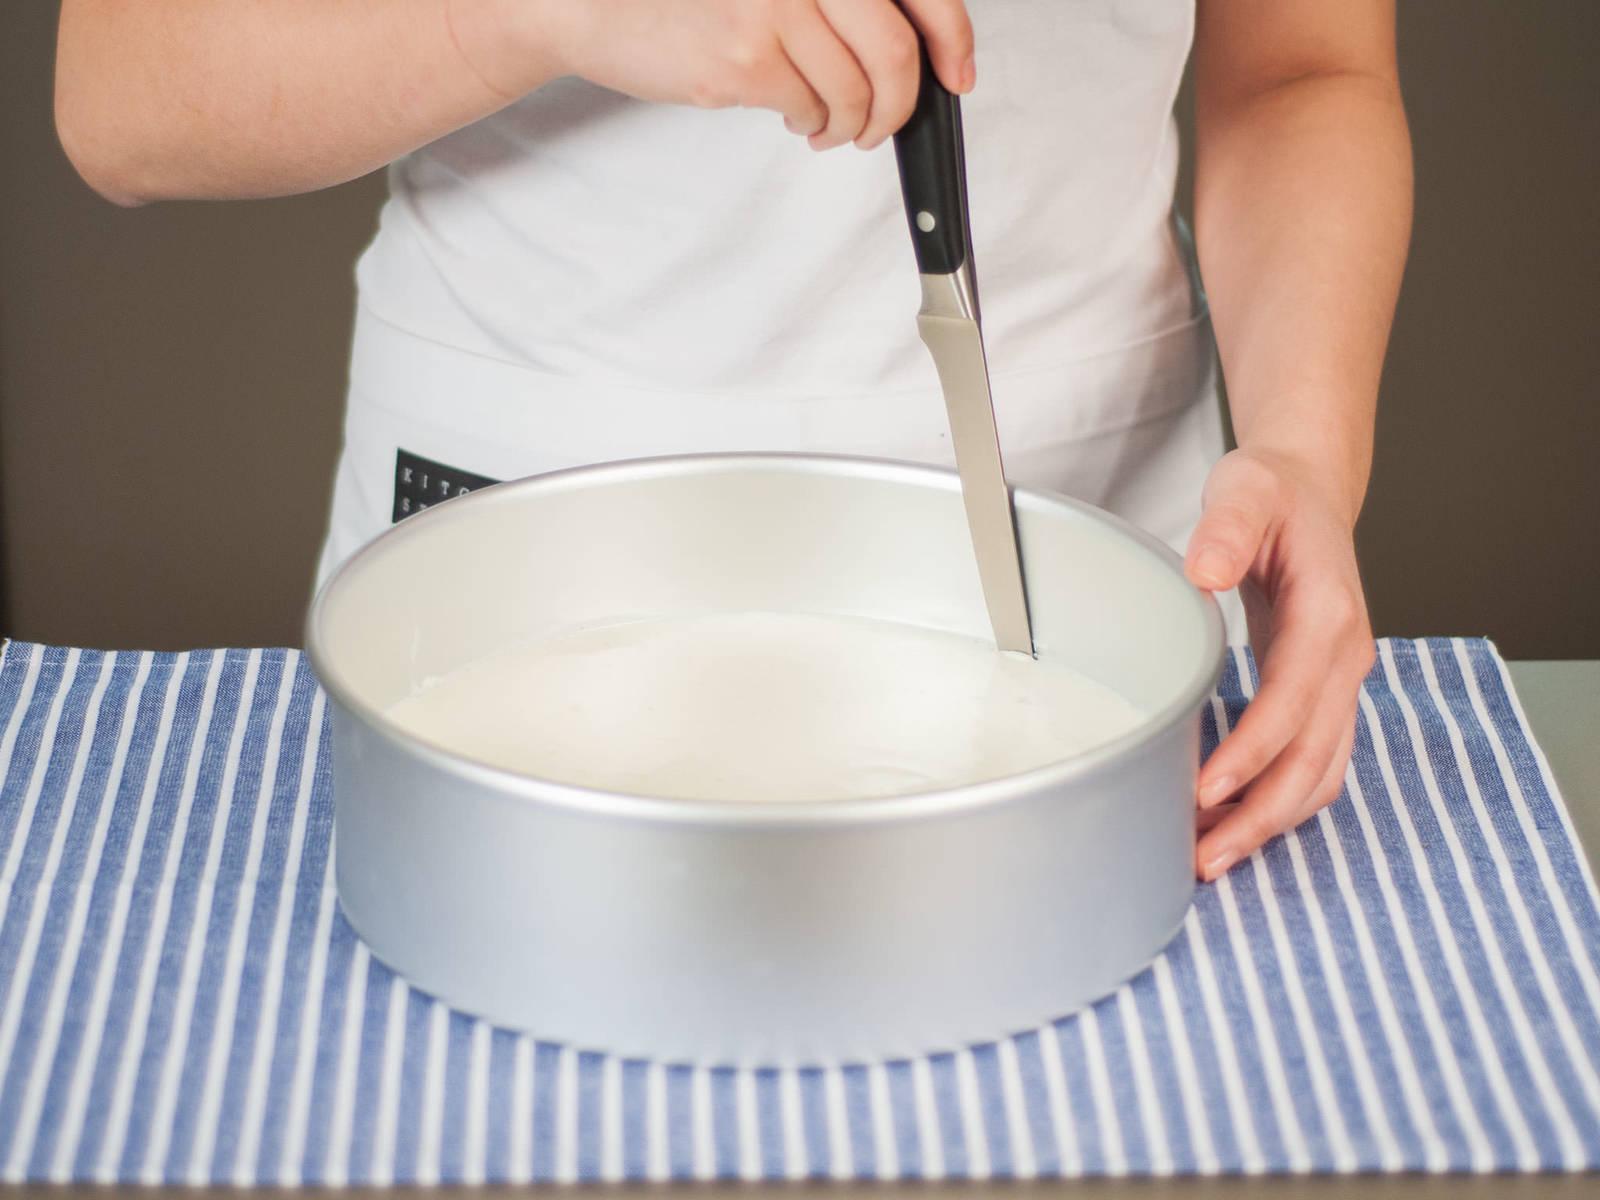 用刀沿烤模内侧转一圈,将蛋糕从烤模中取出,放入蛋糕盘。